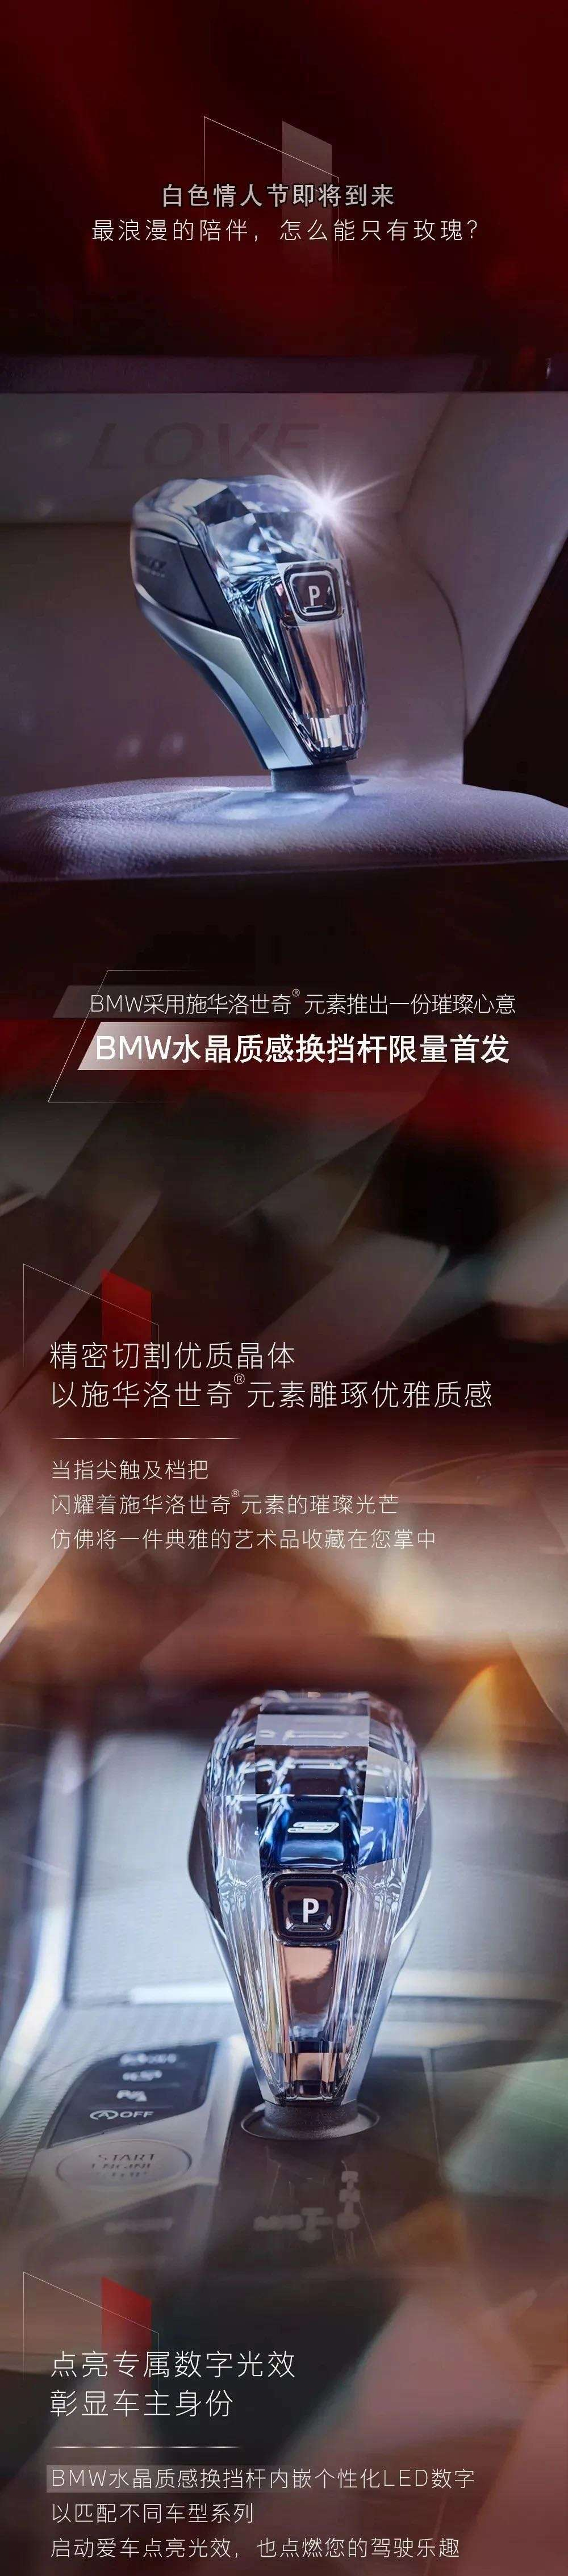 福利 | 请查收BMW为您准备的白色情人节礼物